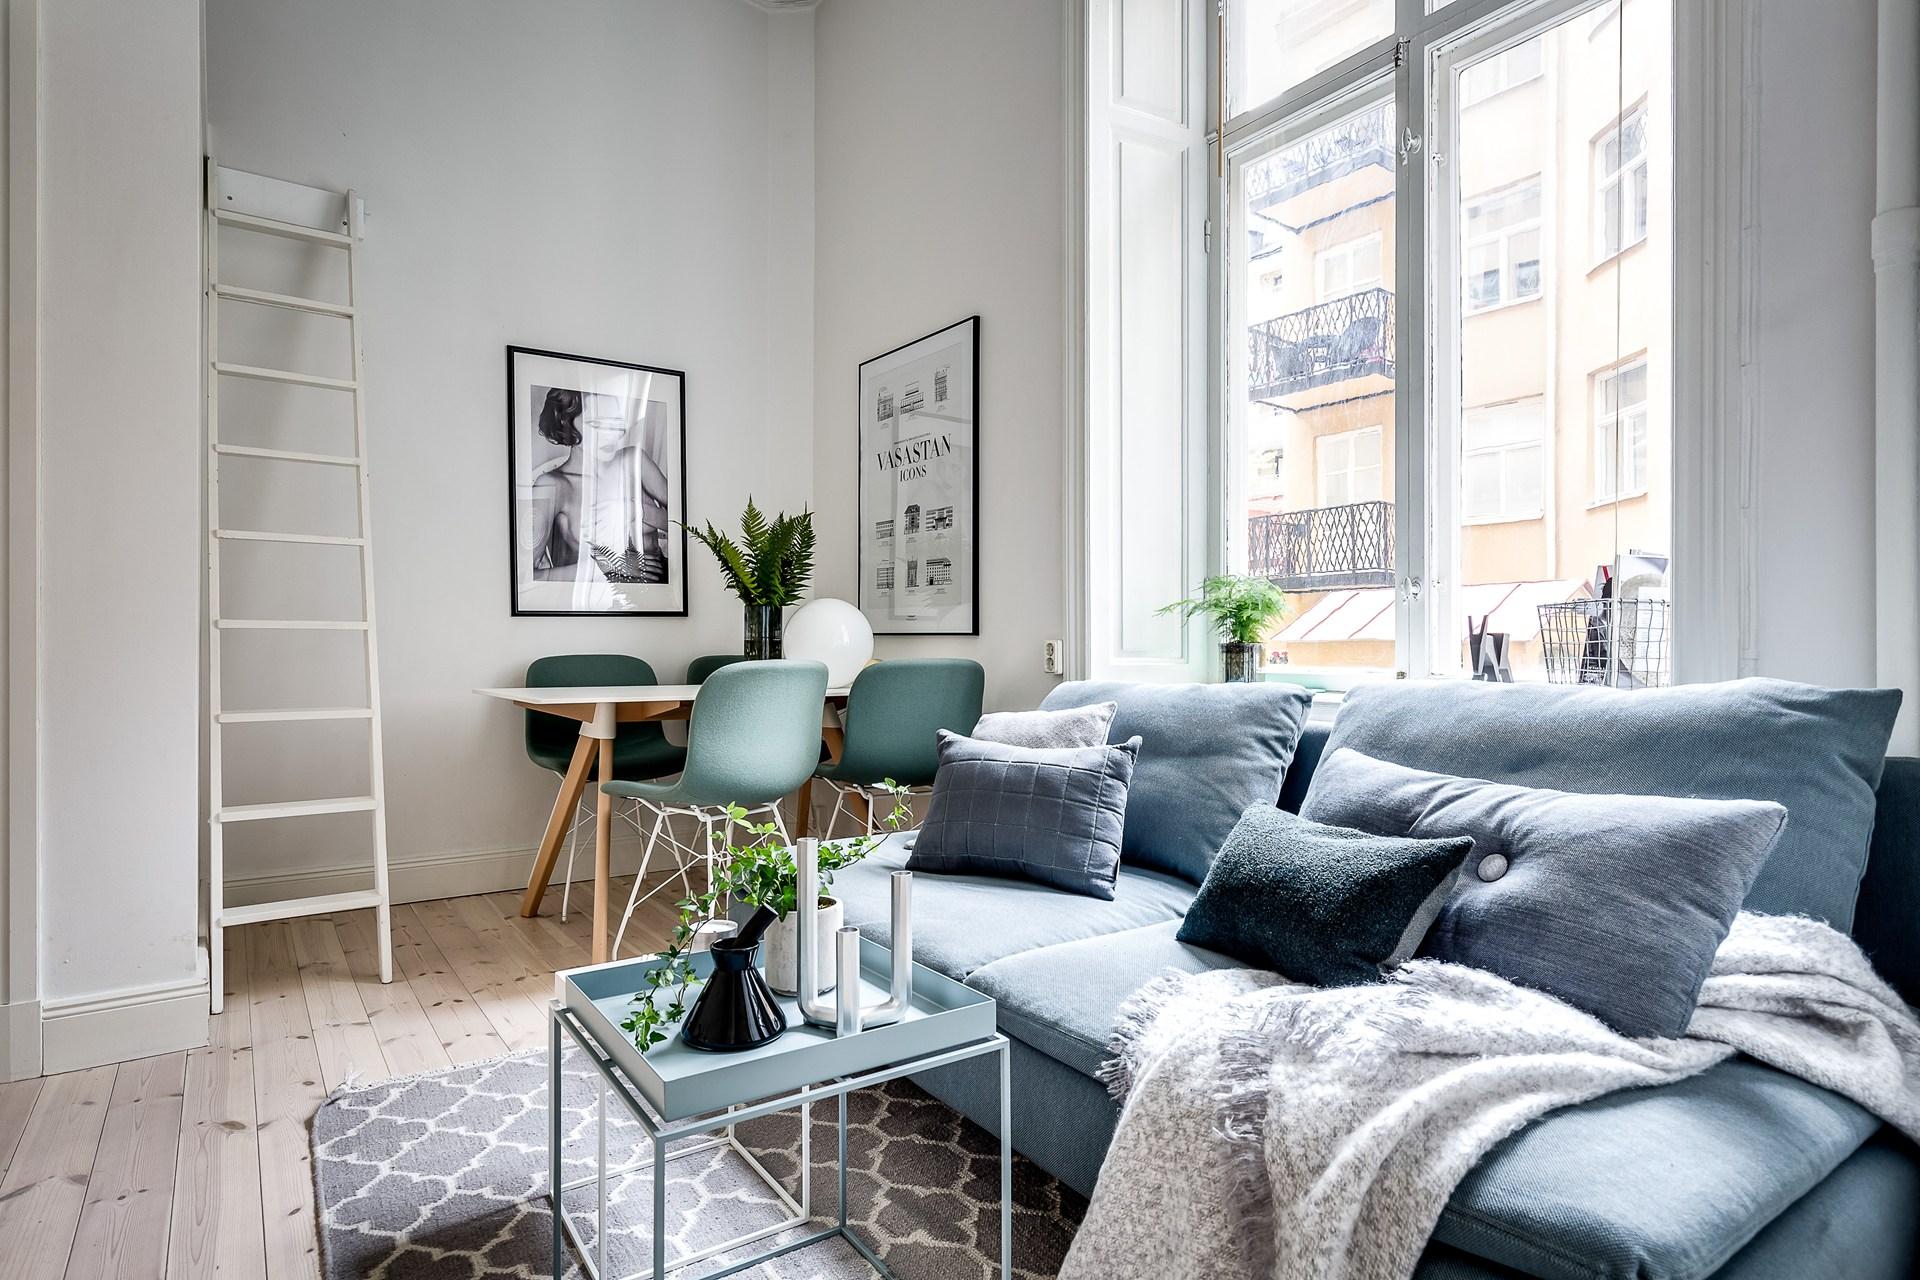 гостиная стол стулья окно диван кофейный столик